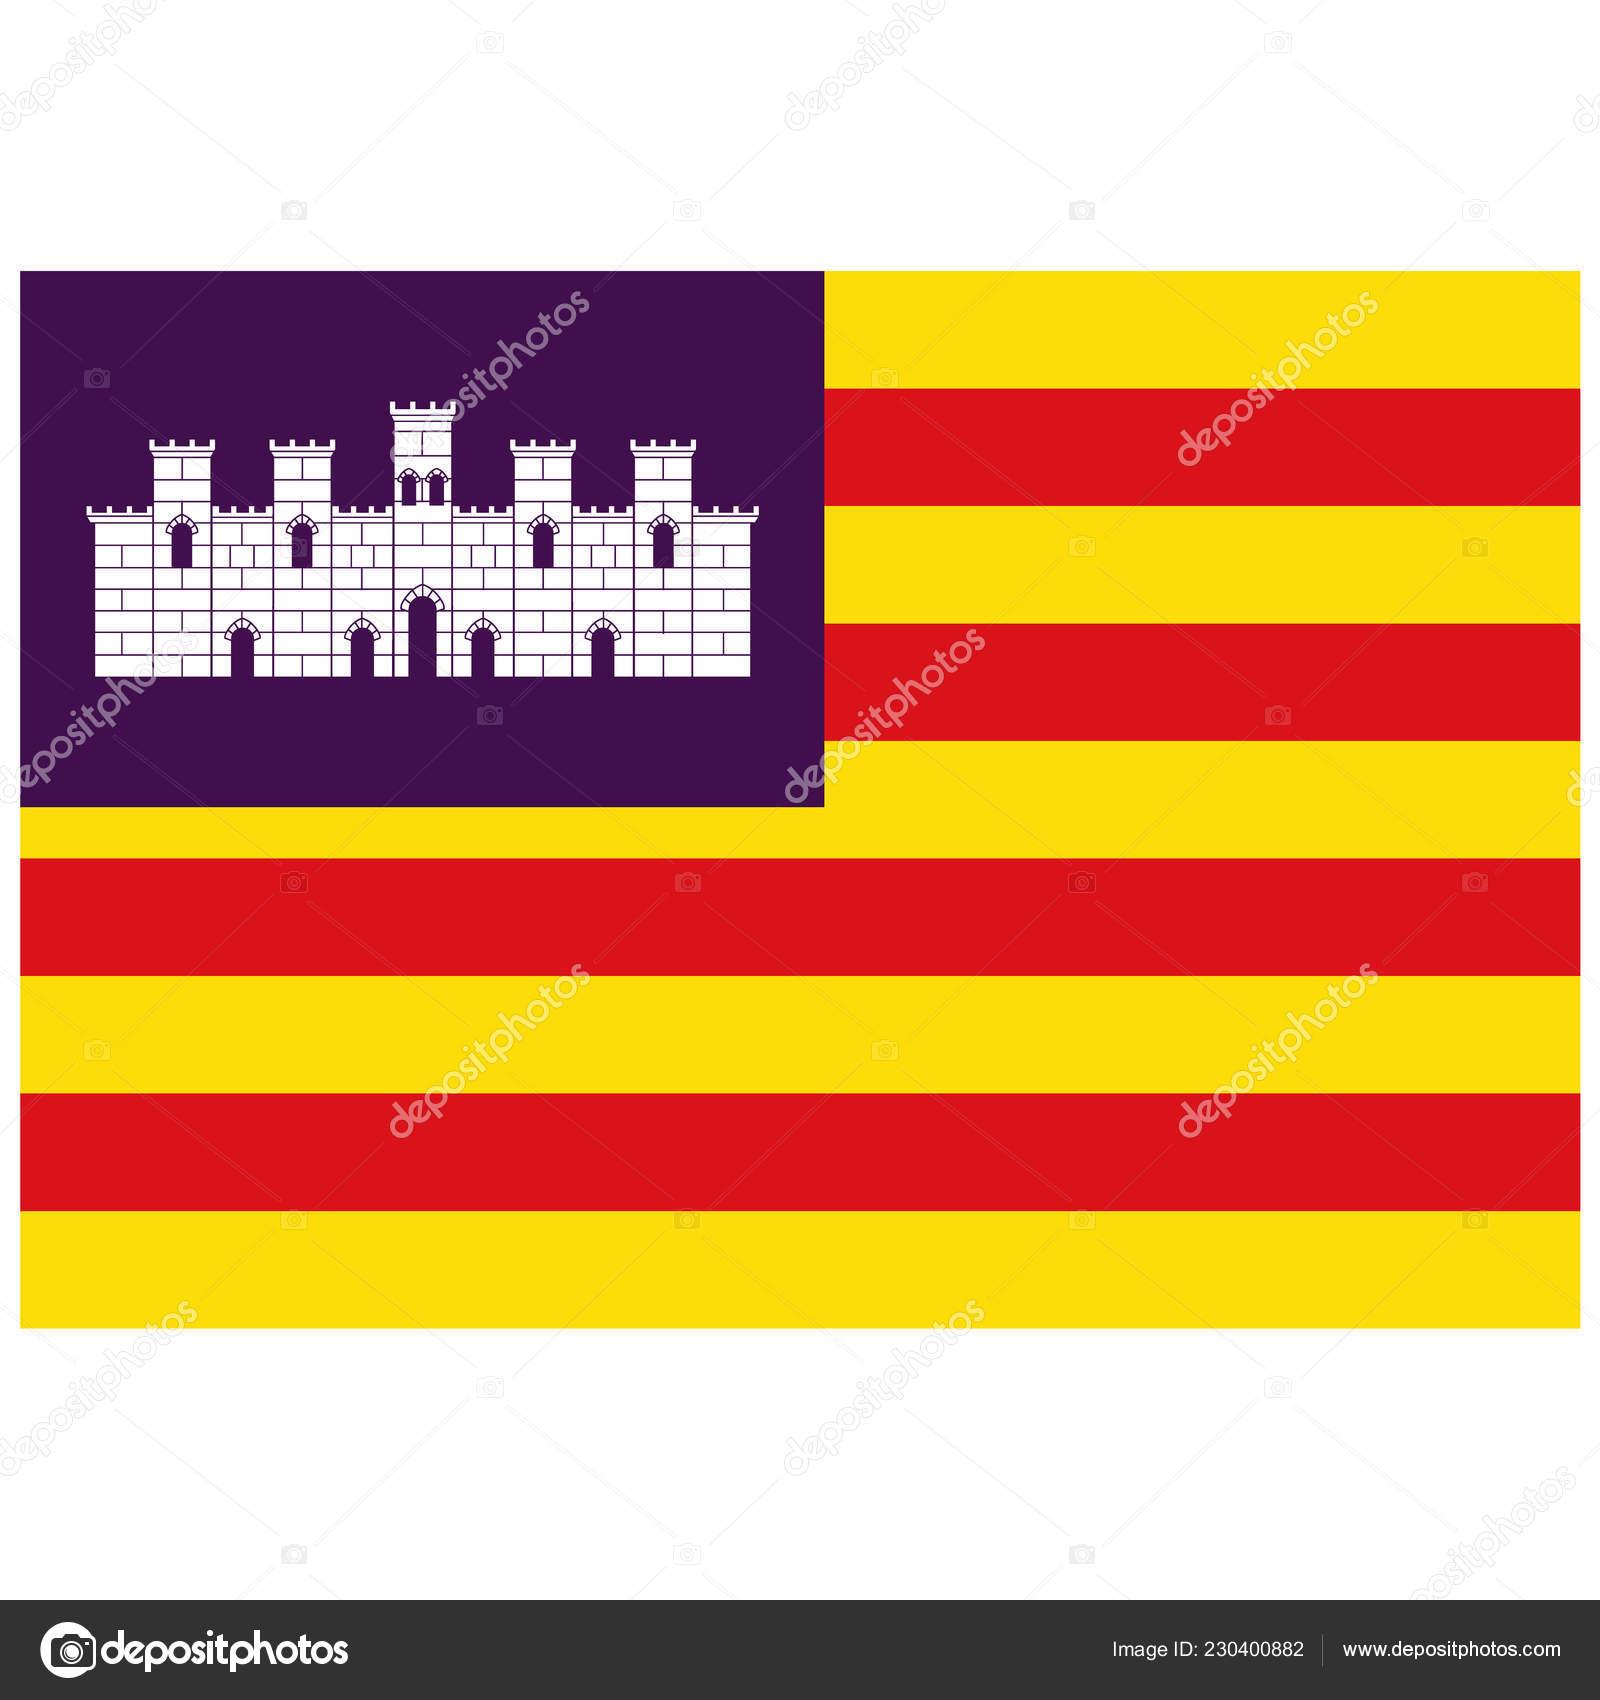 Bandera Del Archipielago Las Islas Baleares Espana Ilustracion